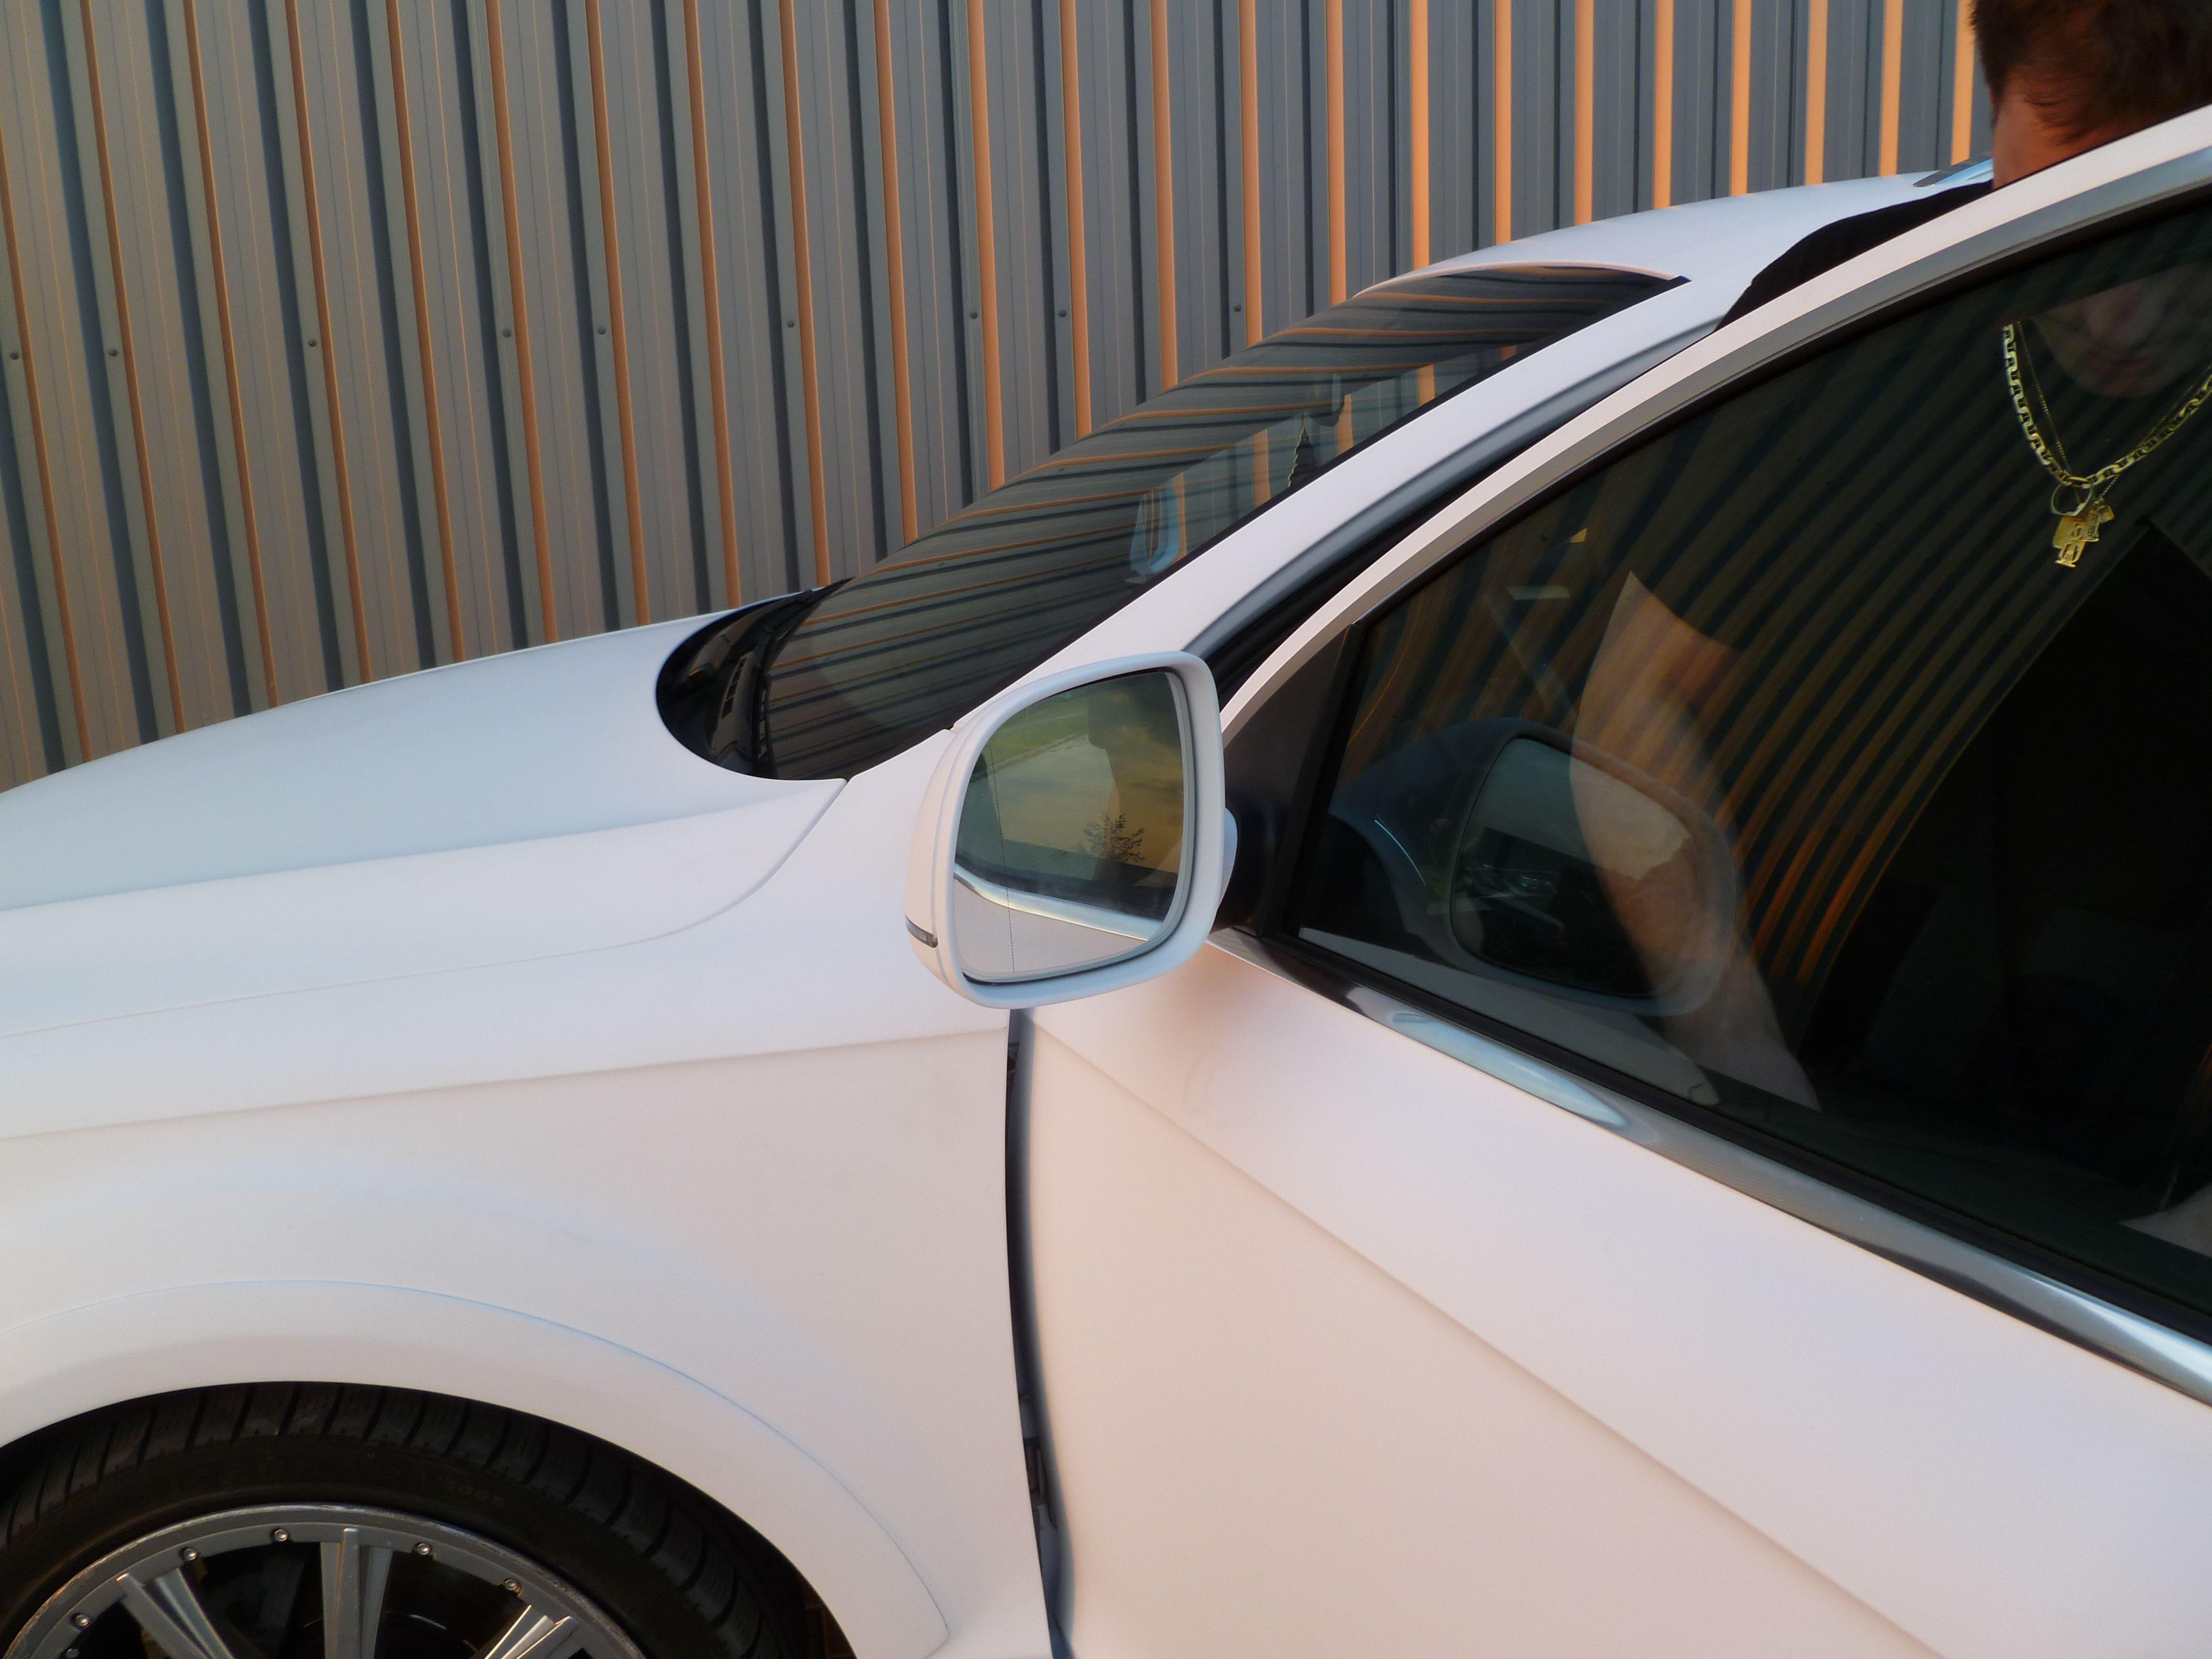 Audi Q7 met Mat Witte Wrap, Carwrapping door Wrapmyride.nu Foto-nr:5036, ©2021